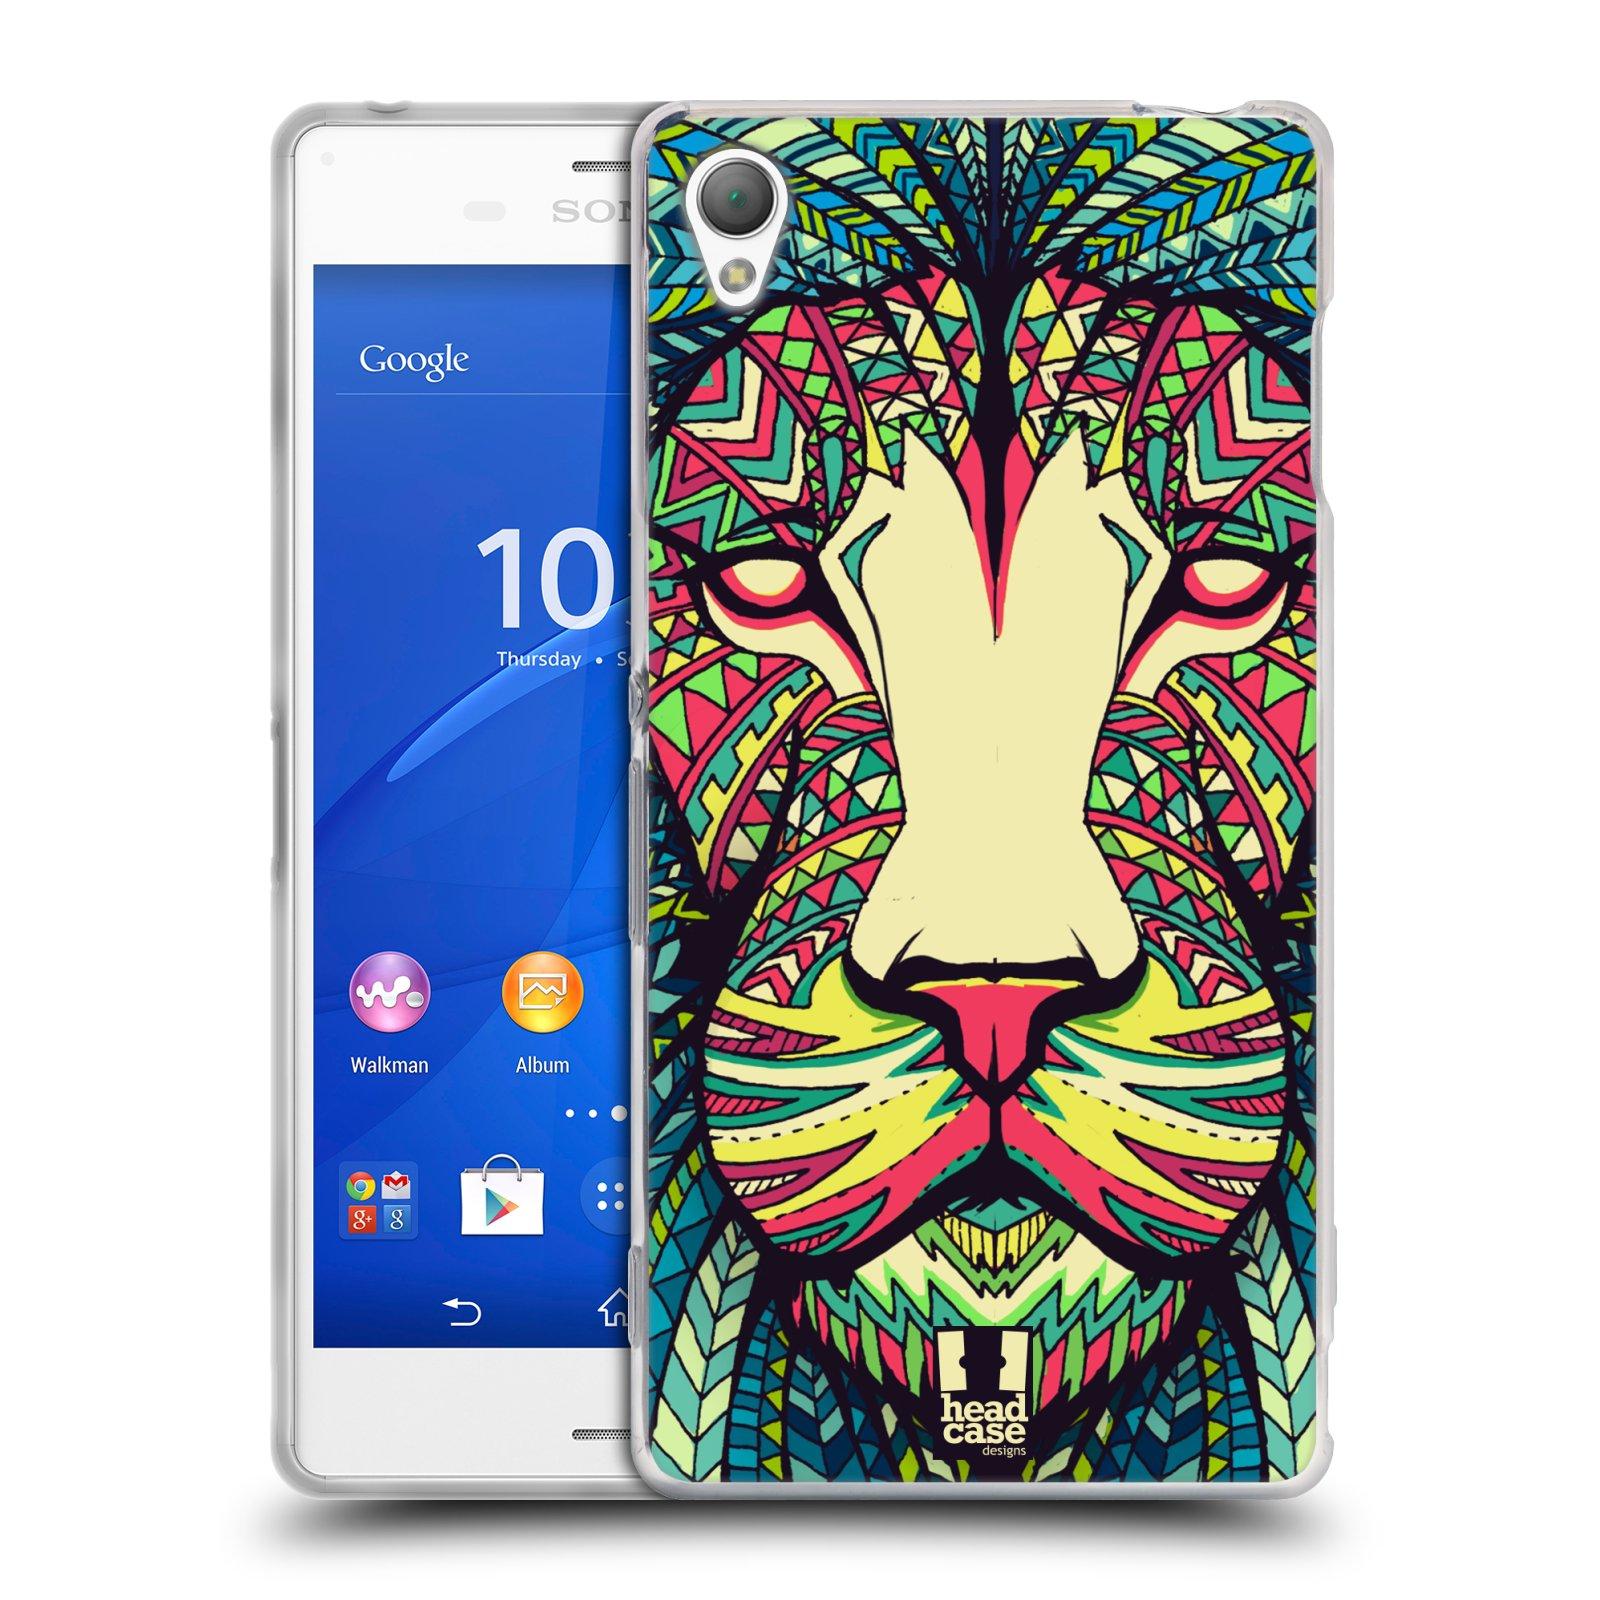 HEAD CASE silikonový obal na mobil Sony Xperia Z3 vzor Aztécký motiv zvíře lev